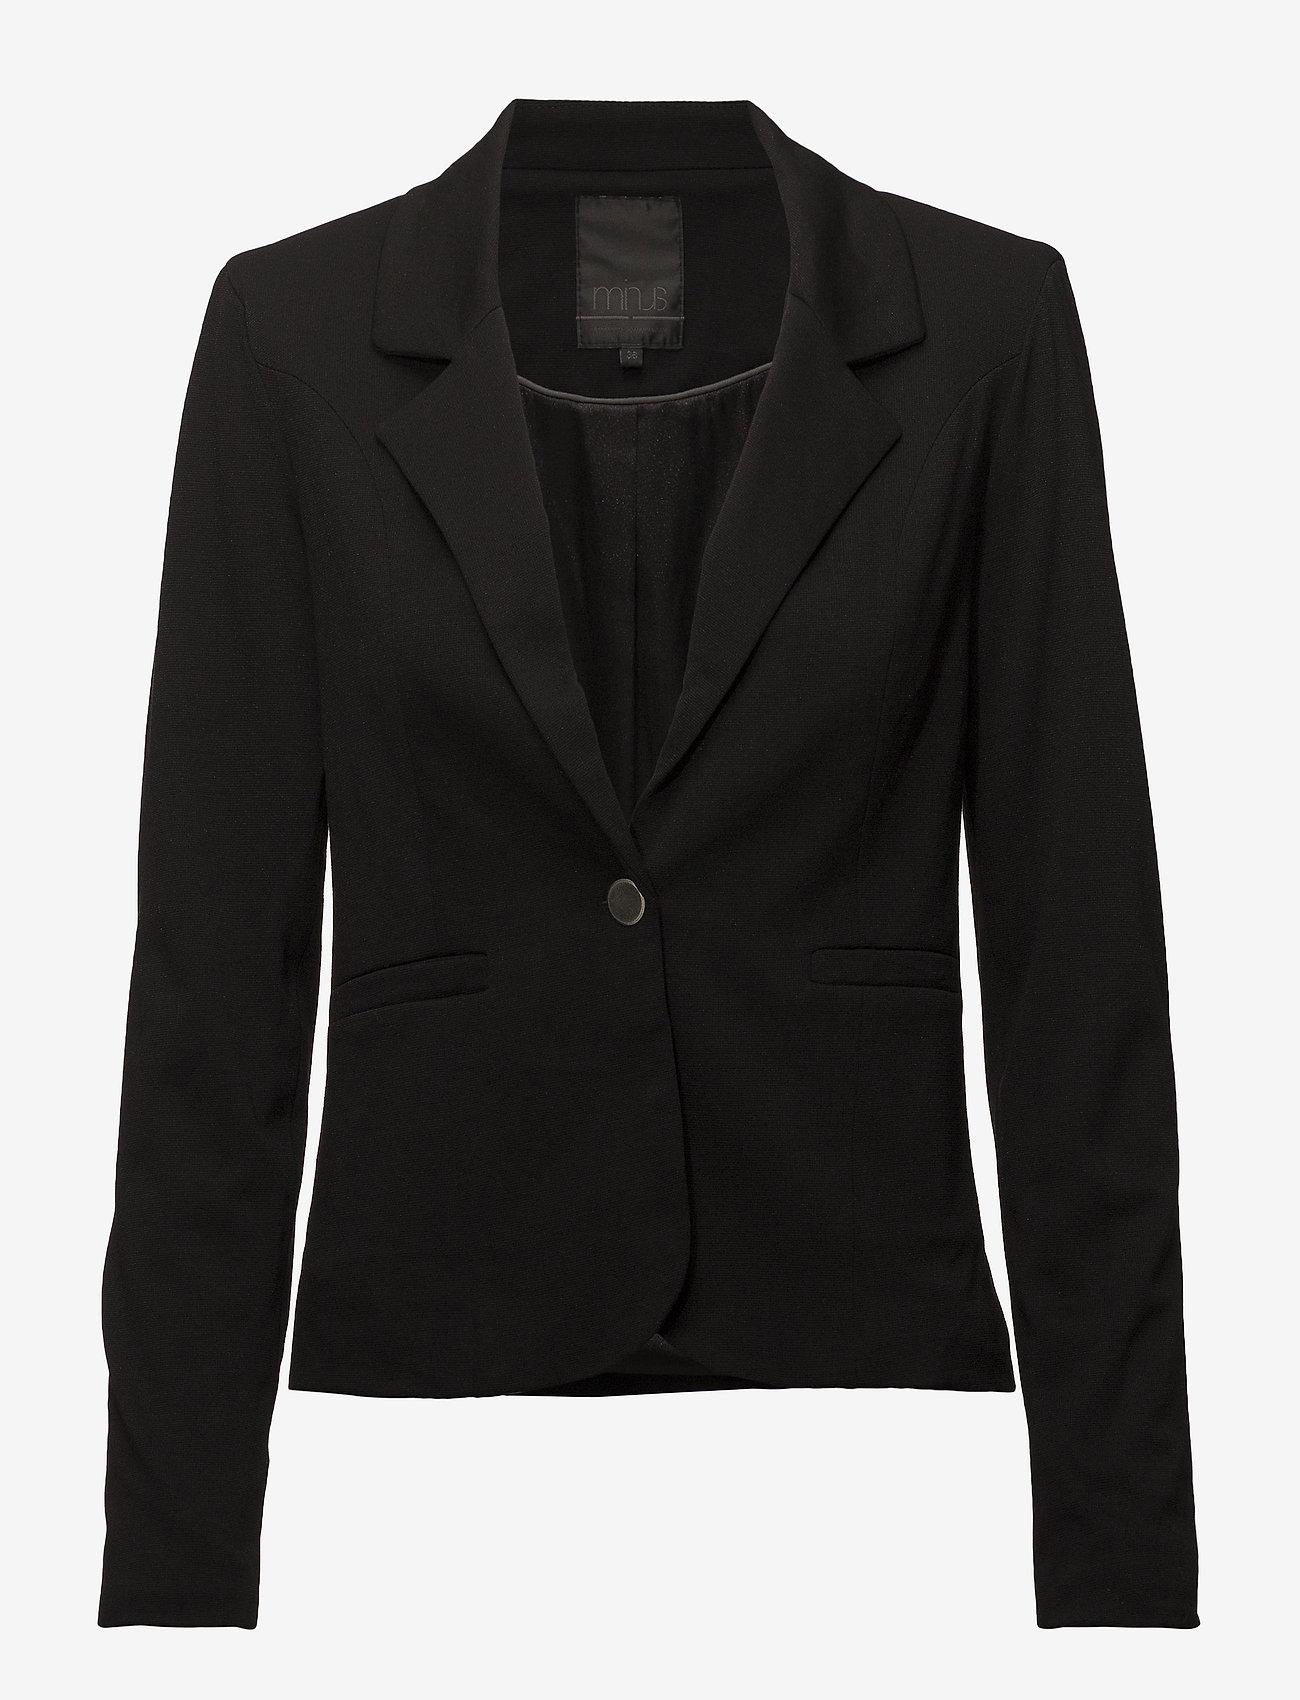 Minus - Carmen blazer - blazers - black - 0